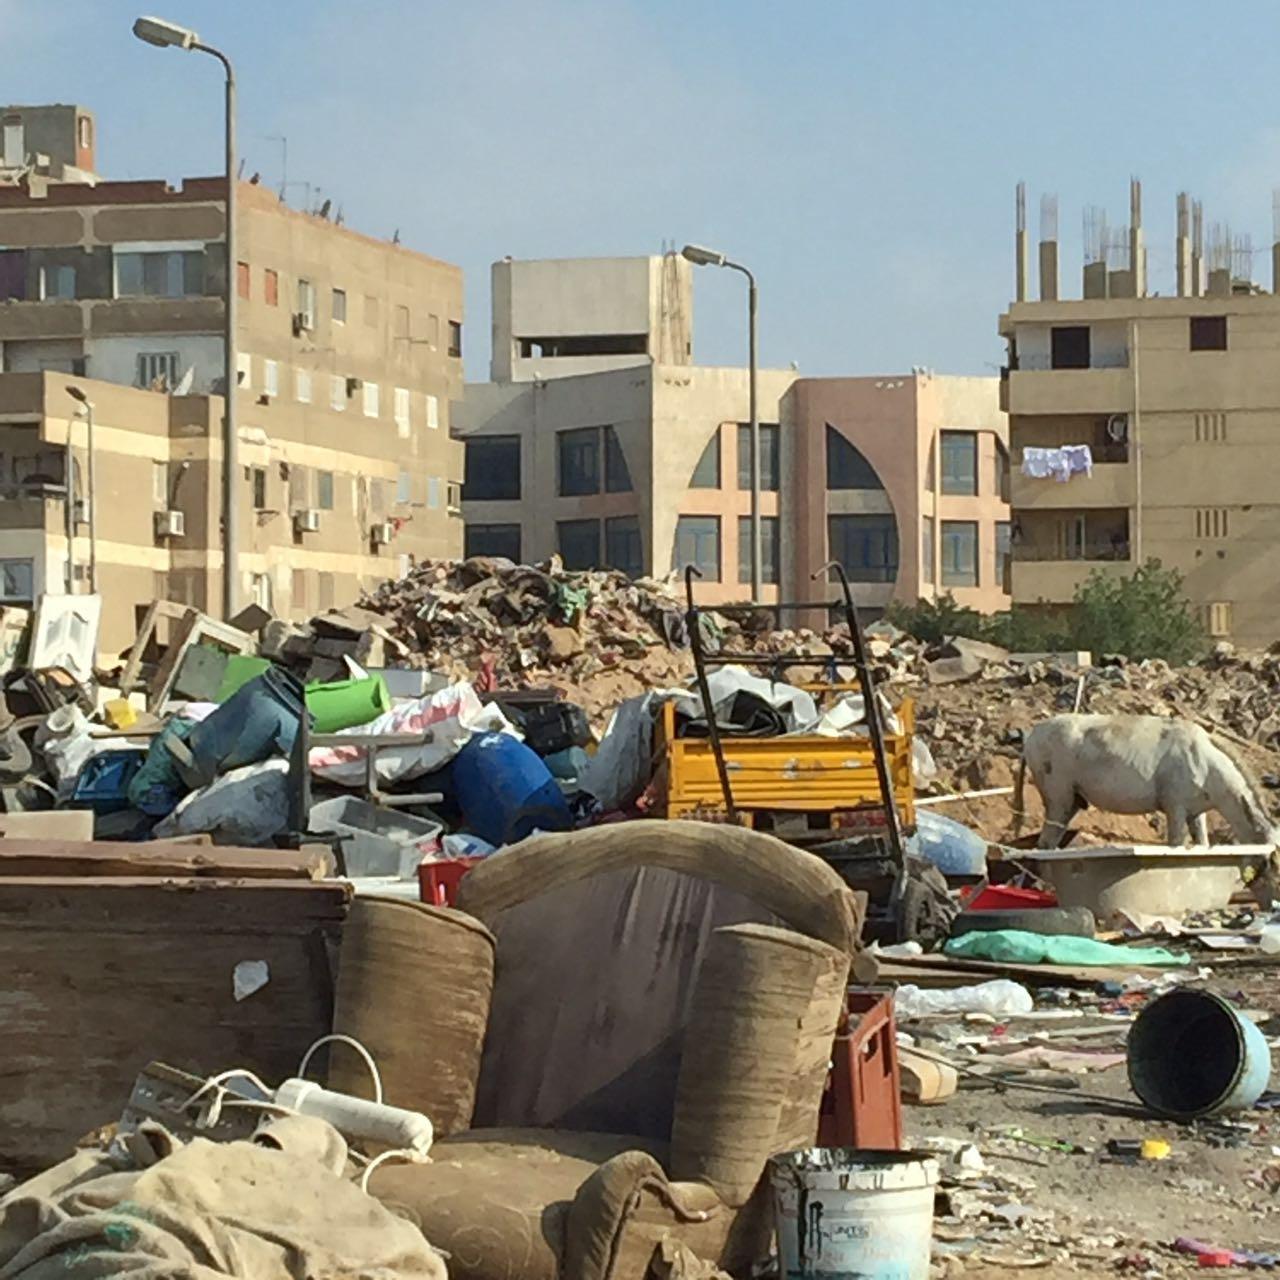 أهالي الحي التاسع بمدينة نصر يشكون تجميع الروبابيكيا ومخلفات البناء قرب الكتلة السكنية